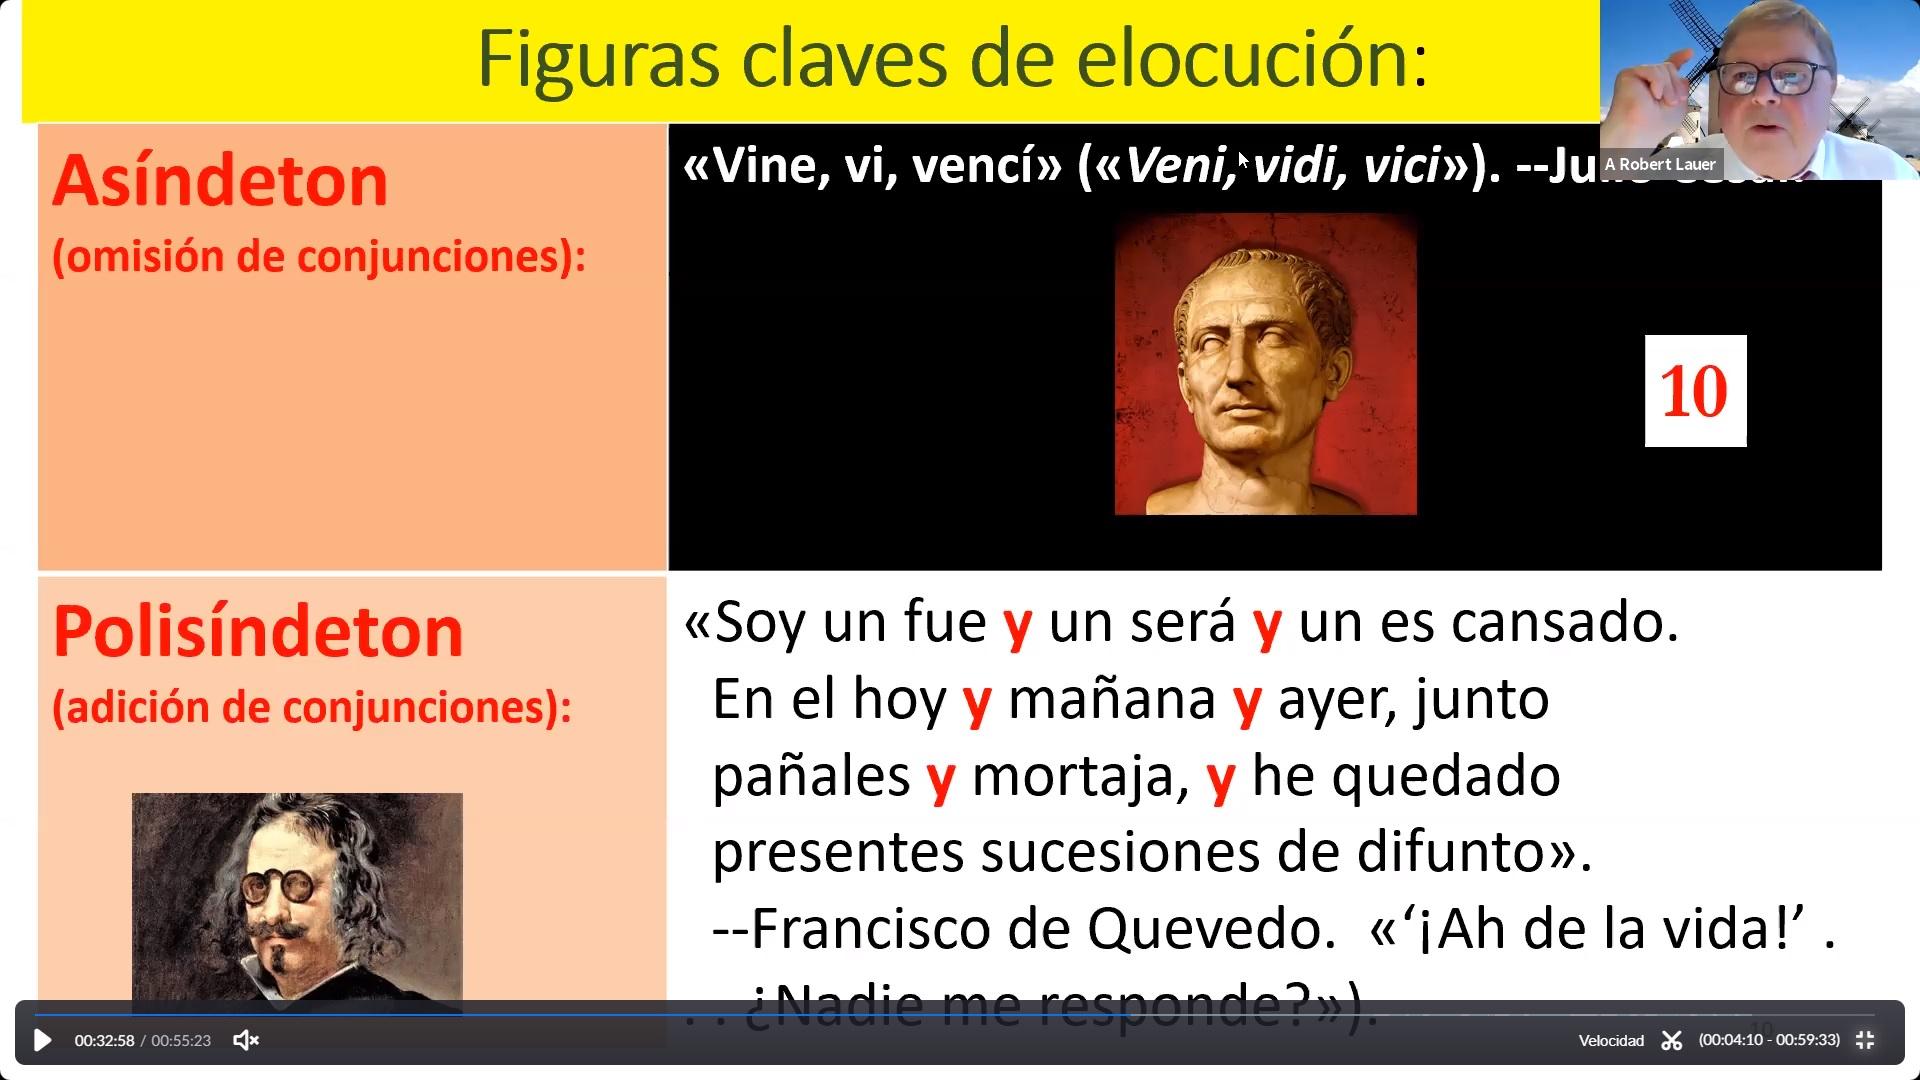 Curso Narrativa Española de la Edad de Oro: presentaciones de los profesores invitados A. Robert Lauer  y Fernando Rodríguez [fotos]